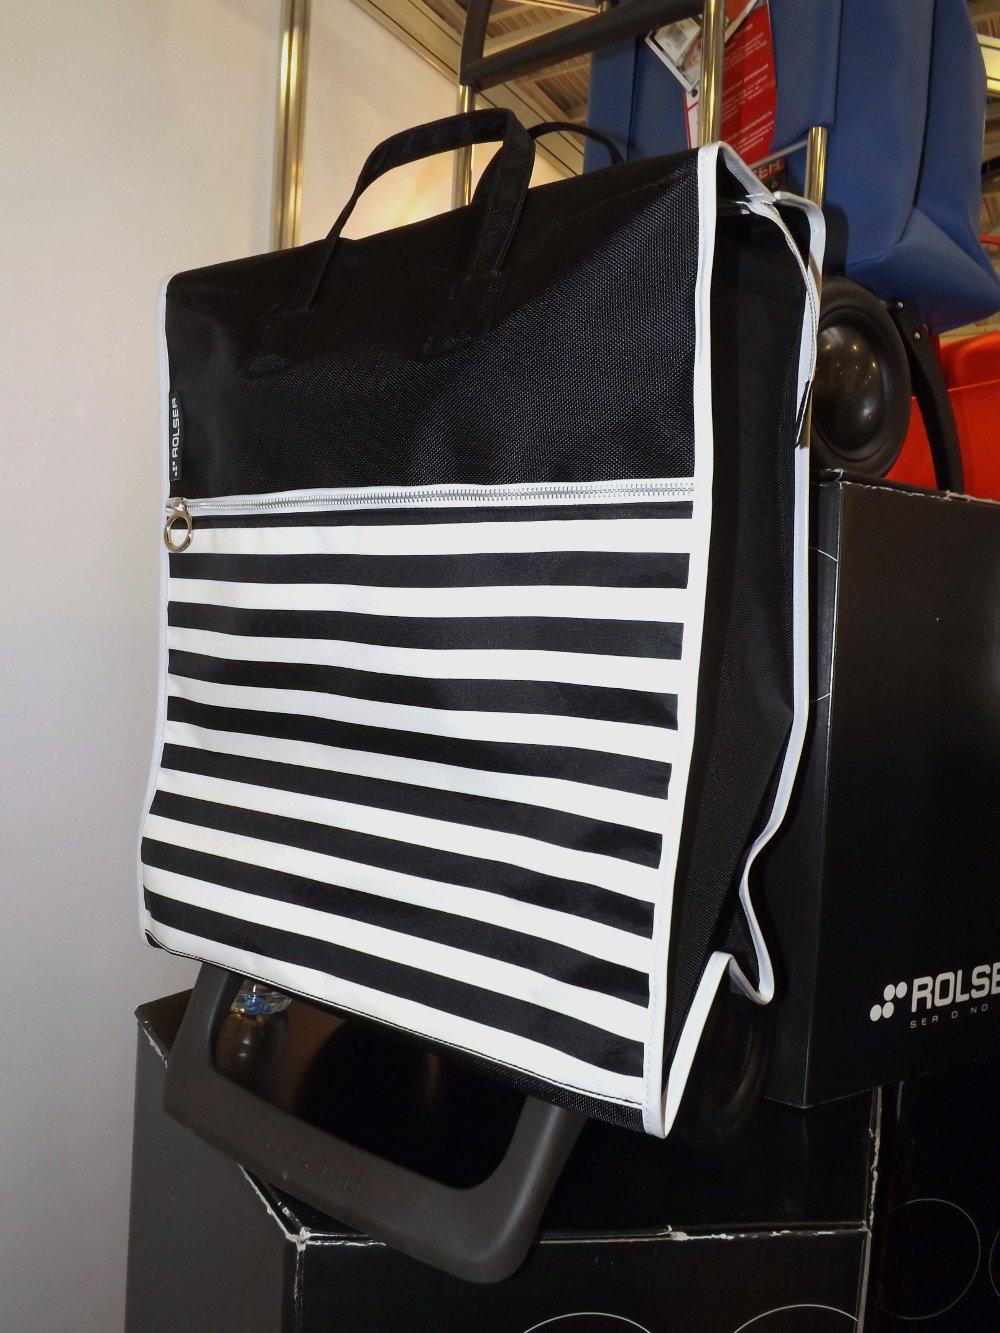 Чёрно-бело-полосатая сумка-тележка от Rolser на выставке HouseHoldExpo 2015